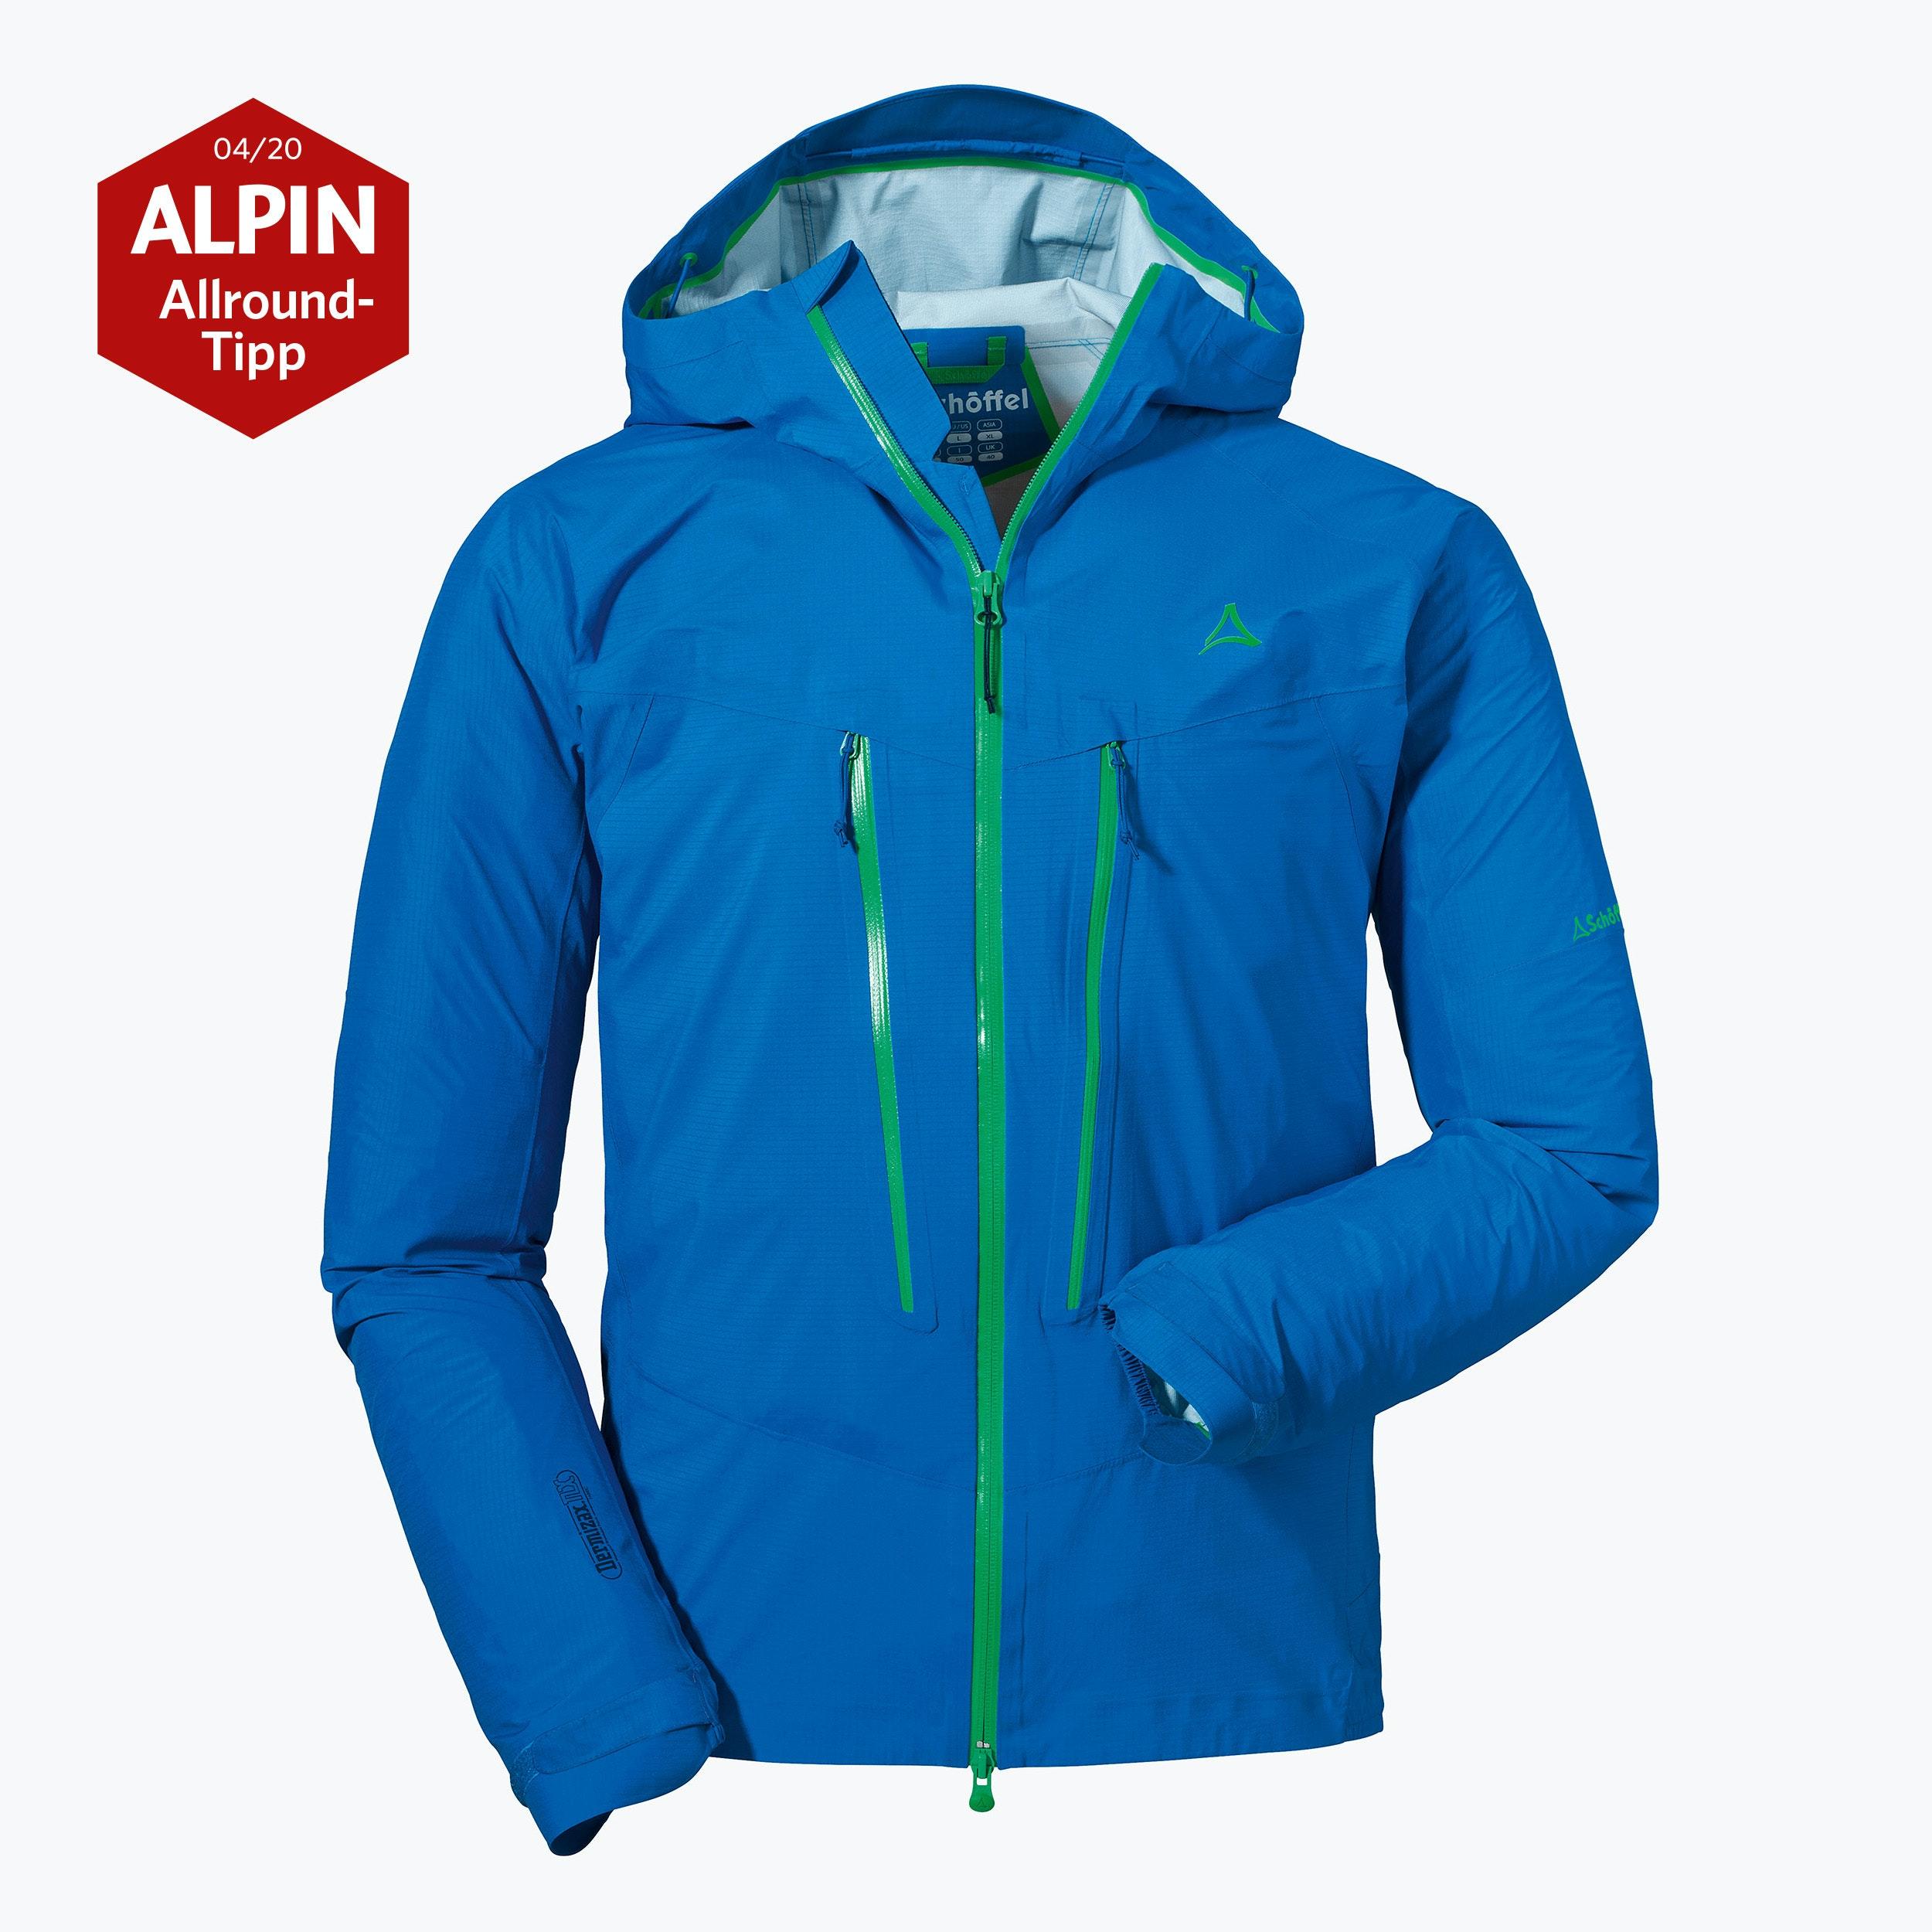 Schöffel 3L Jacket Aletsch L Bergjacke Tourenjacke Wanderjacke Funktionsjacke